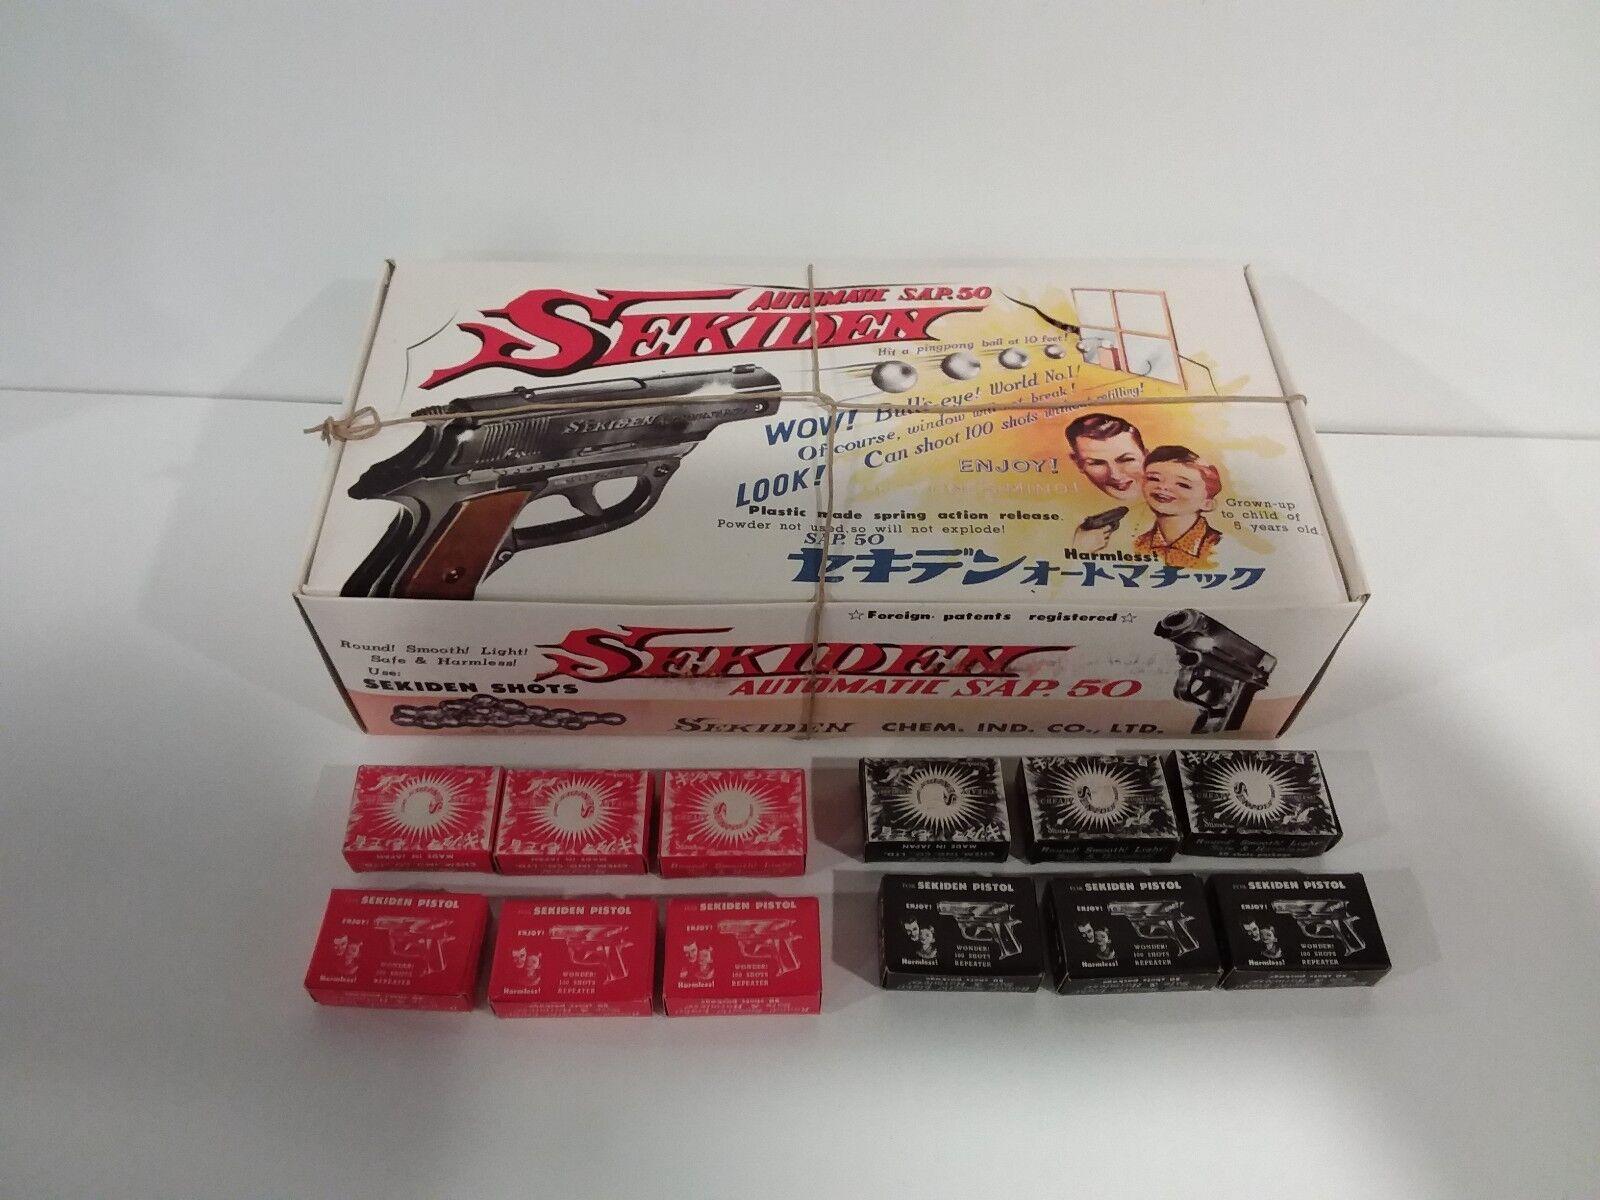 auténtico Sekiden Auto SAP.50 Counter Box Sealed BONUS 12 SEALED BOXES BOXES BOXES SHOTS  orden en línea